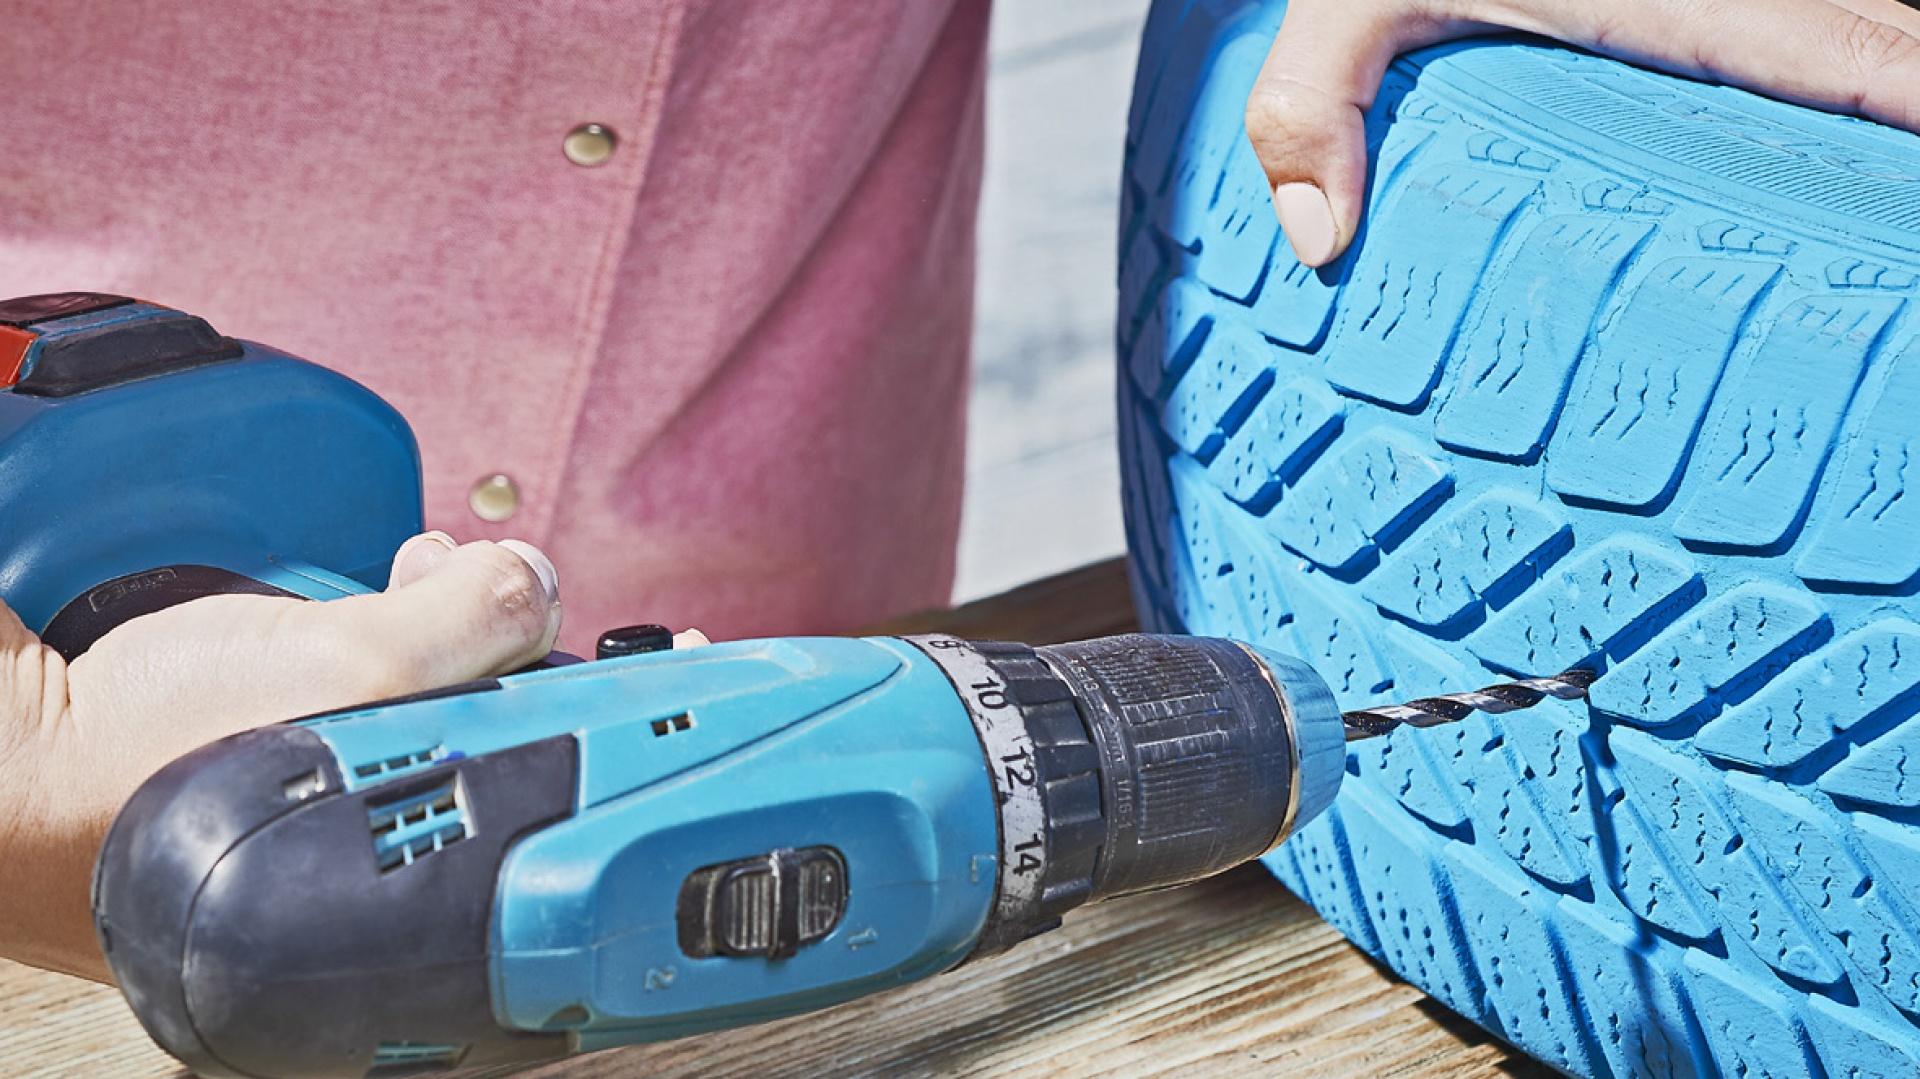 Krok 2: Za pomocą wkrętarki zrób otwory w oponie, aby zapewnić odpływ nadmiaru wody. Fot. Praktiker